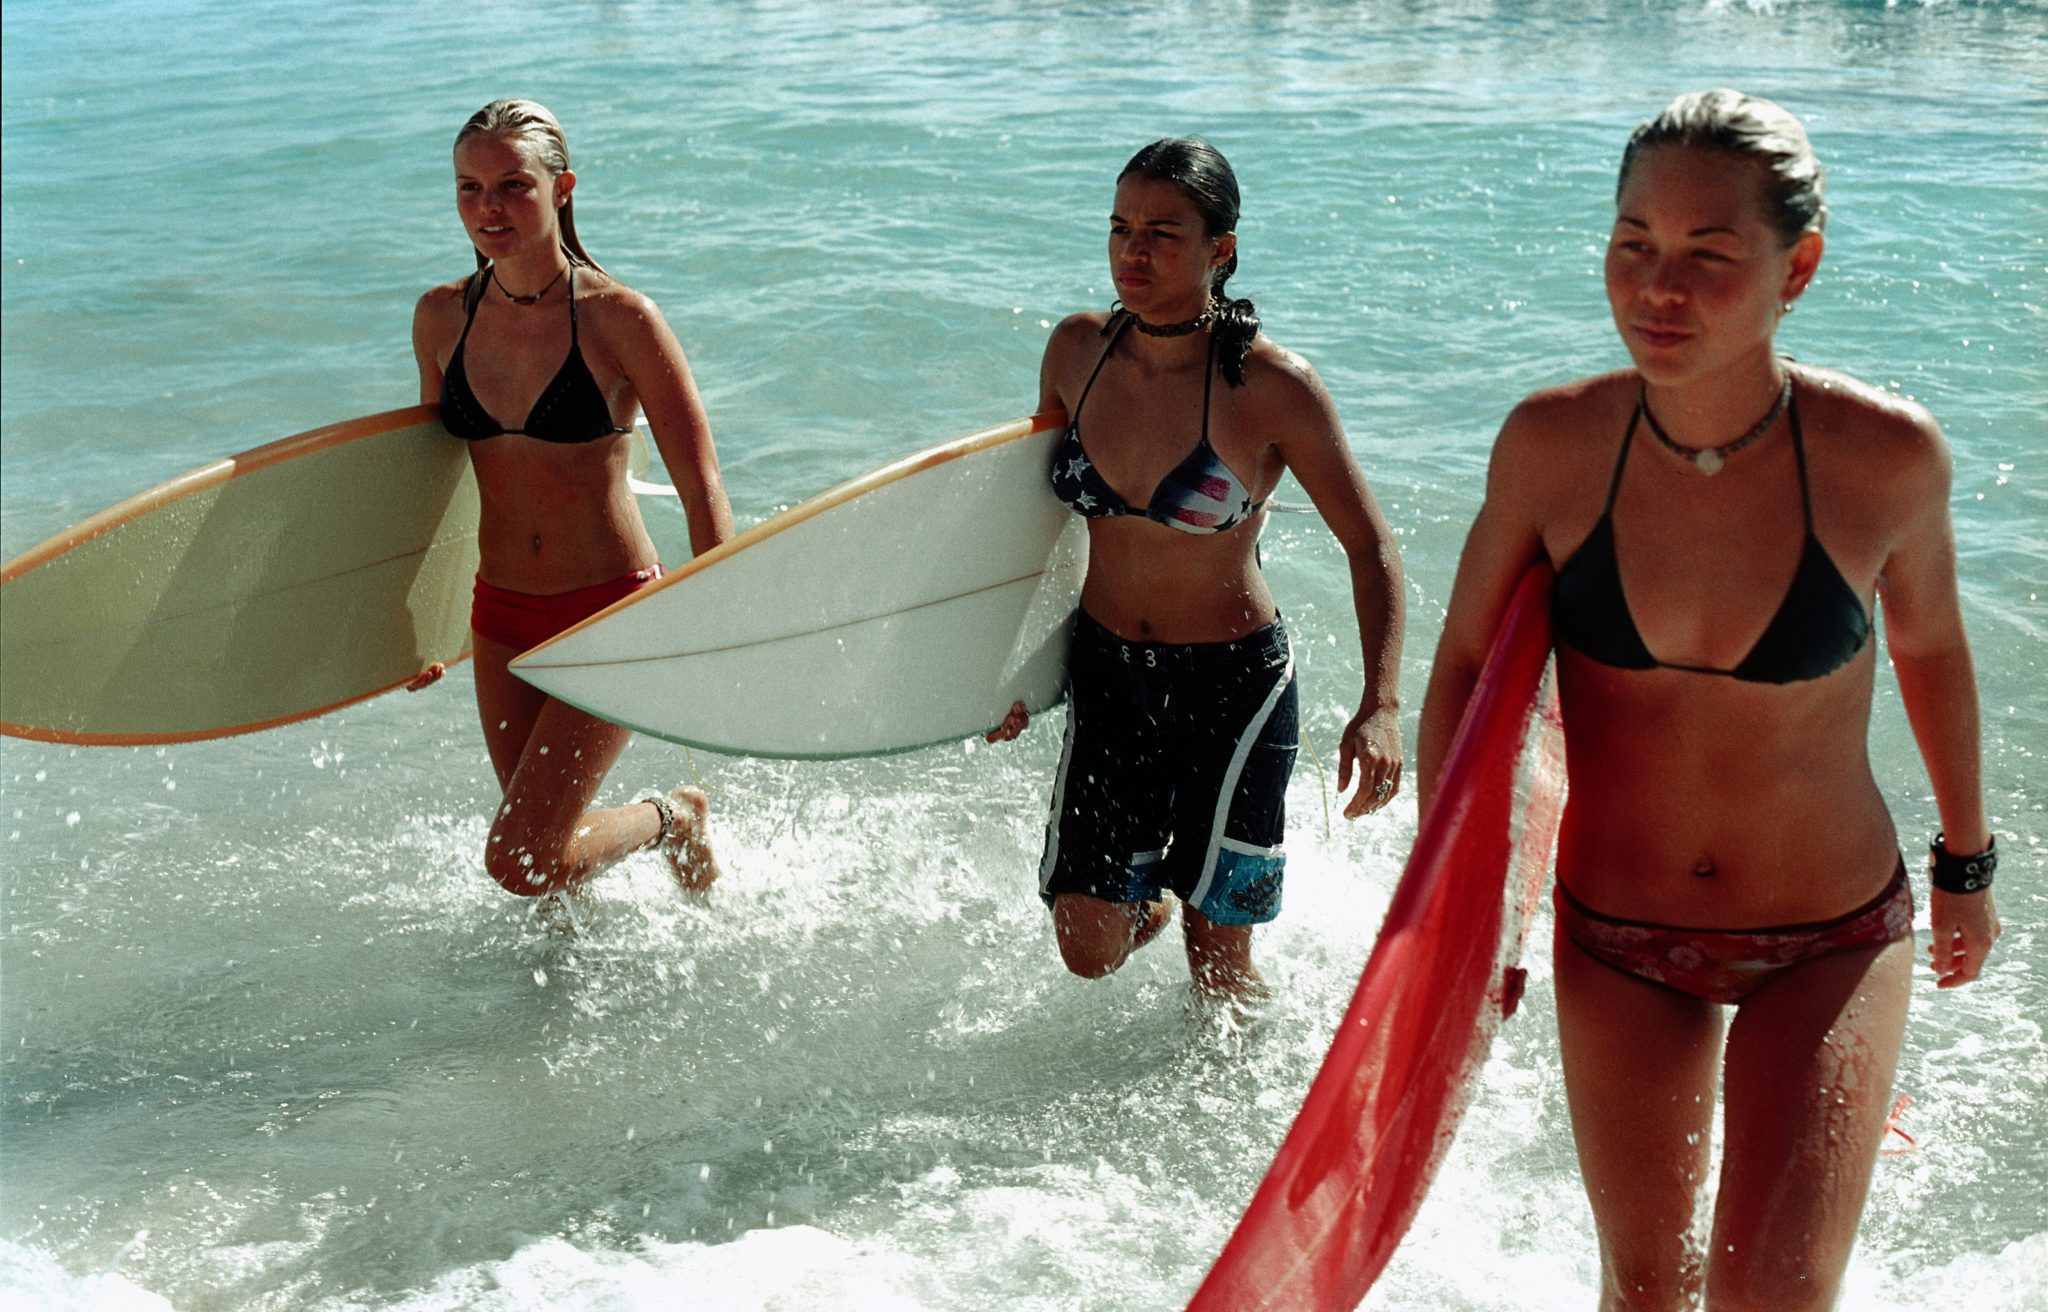 """Kate Bosworth als Anne Marie, Michelle Rodríguez als Eden und Sànoe Lake als Lena steigen mit ihren Surfbrettern in der Hand vom Meer ans Land zurück in """"Blue Crush""""."""